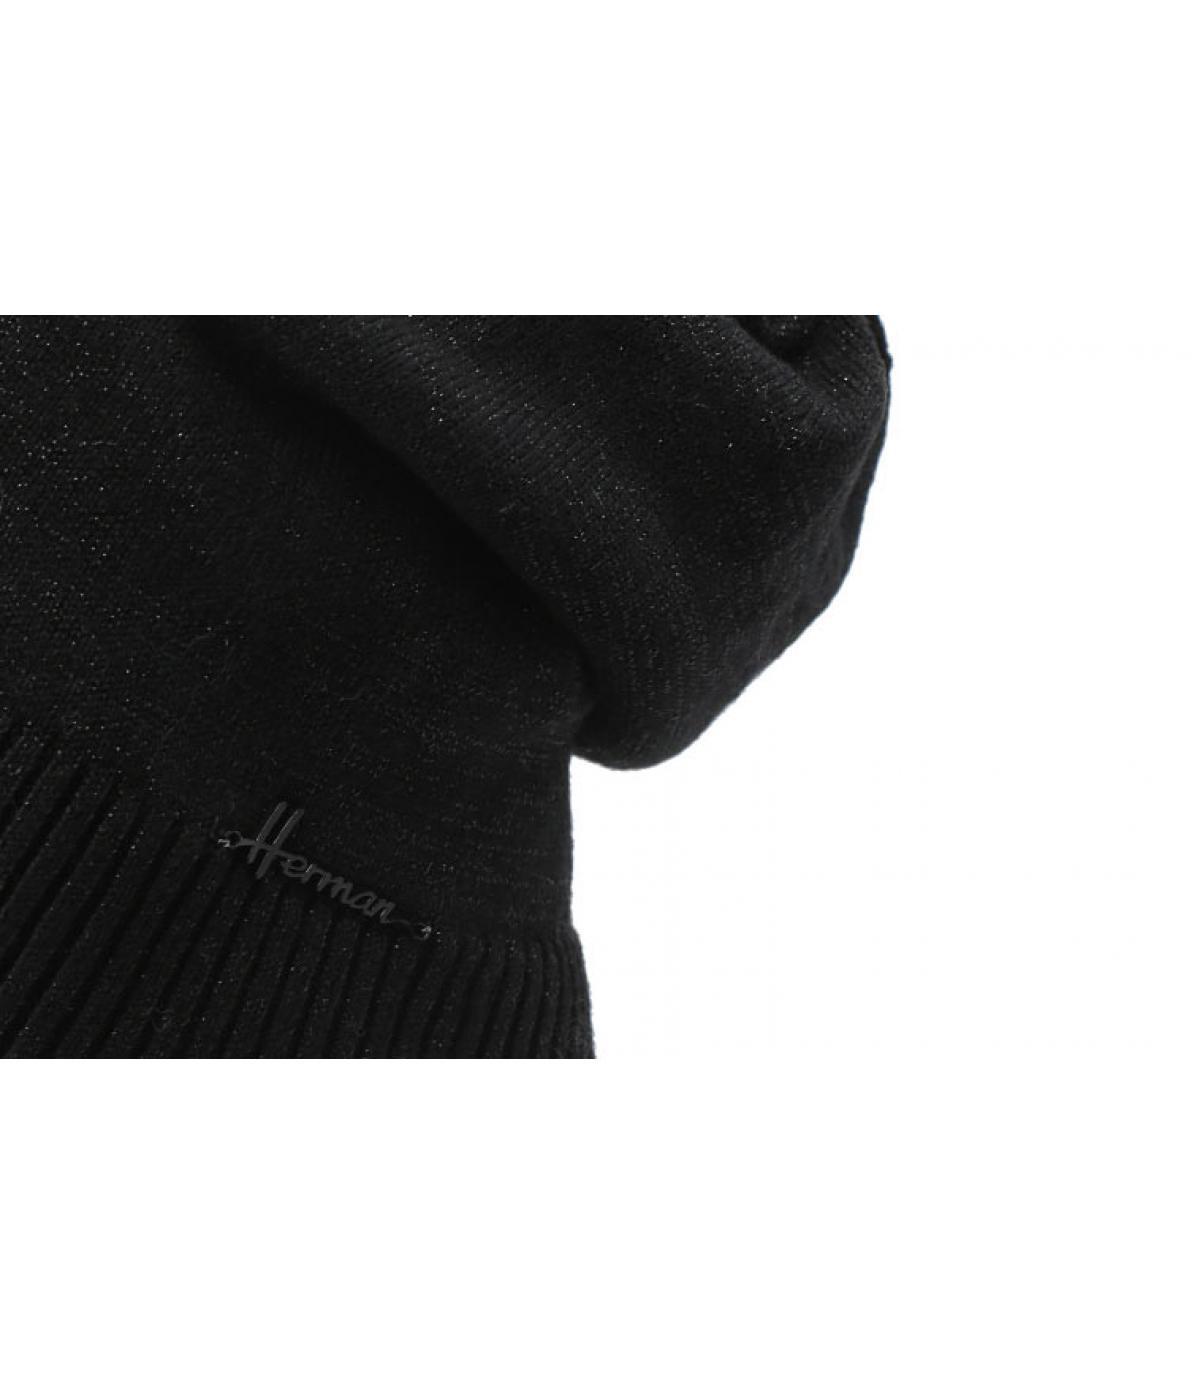 Cappuccio nero lungo in lurex